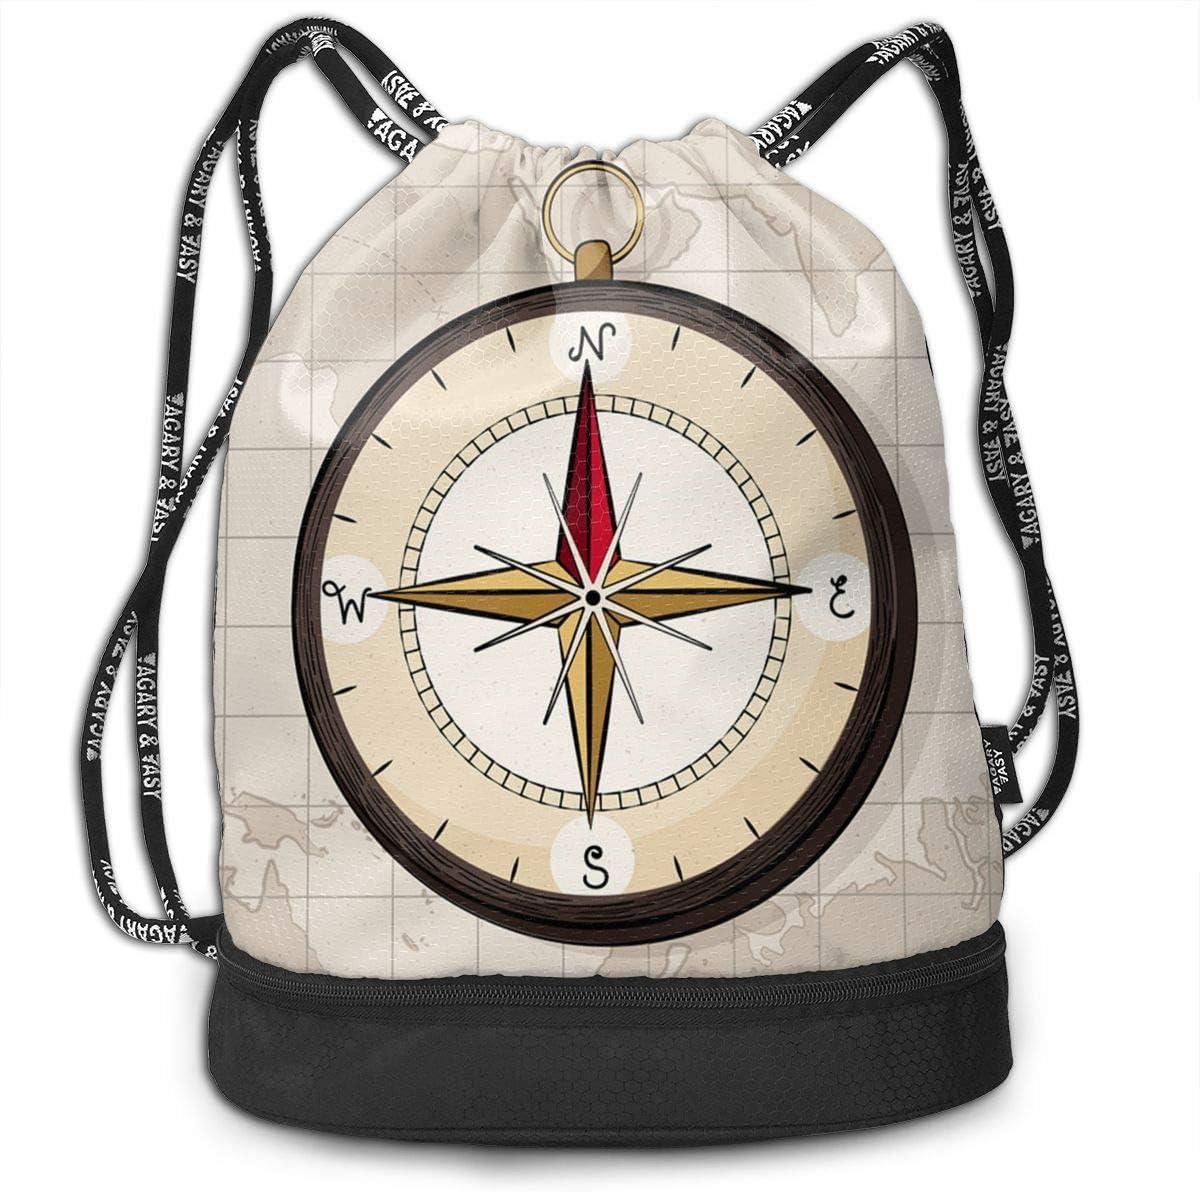 HUOPR5Q Hand Drawn Map Compass Drawstring Backpack Sport Gym Sack Shoulder Bulk Bag Dance Bag for School Travel